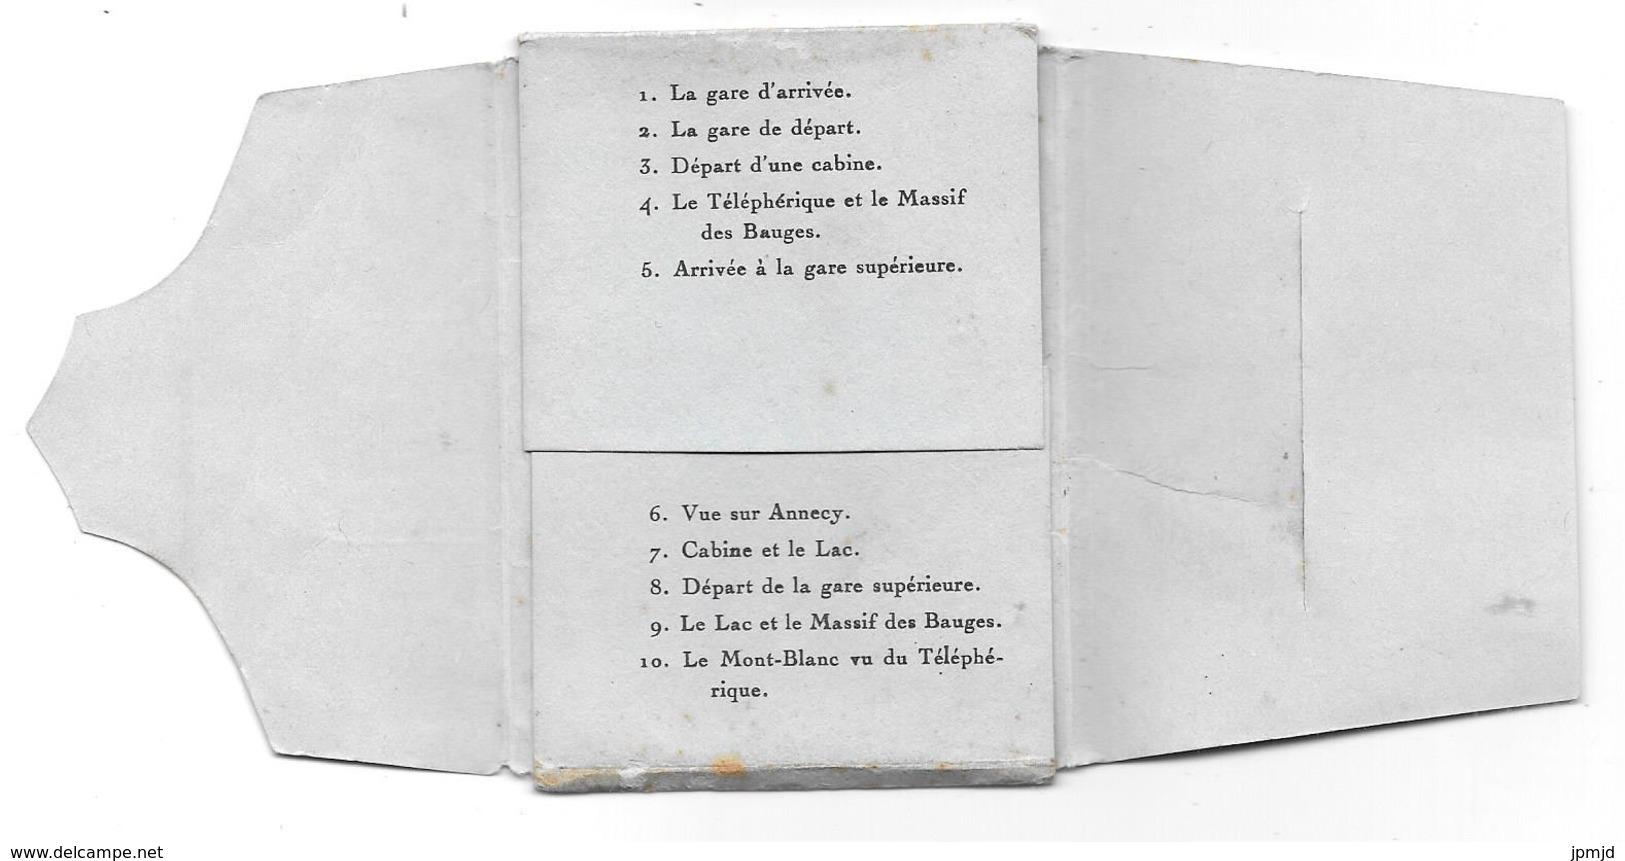 74 - TÉLÉPHÉRIQUE DE VEYRIER-DU-LAC - Recueil De 10 Vues Mignonnettes Format  6 X 9 Cm - éd. GIL, Annecy - Tbe - Veyrier